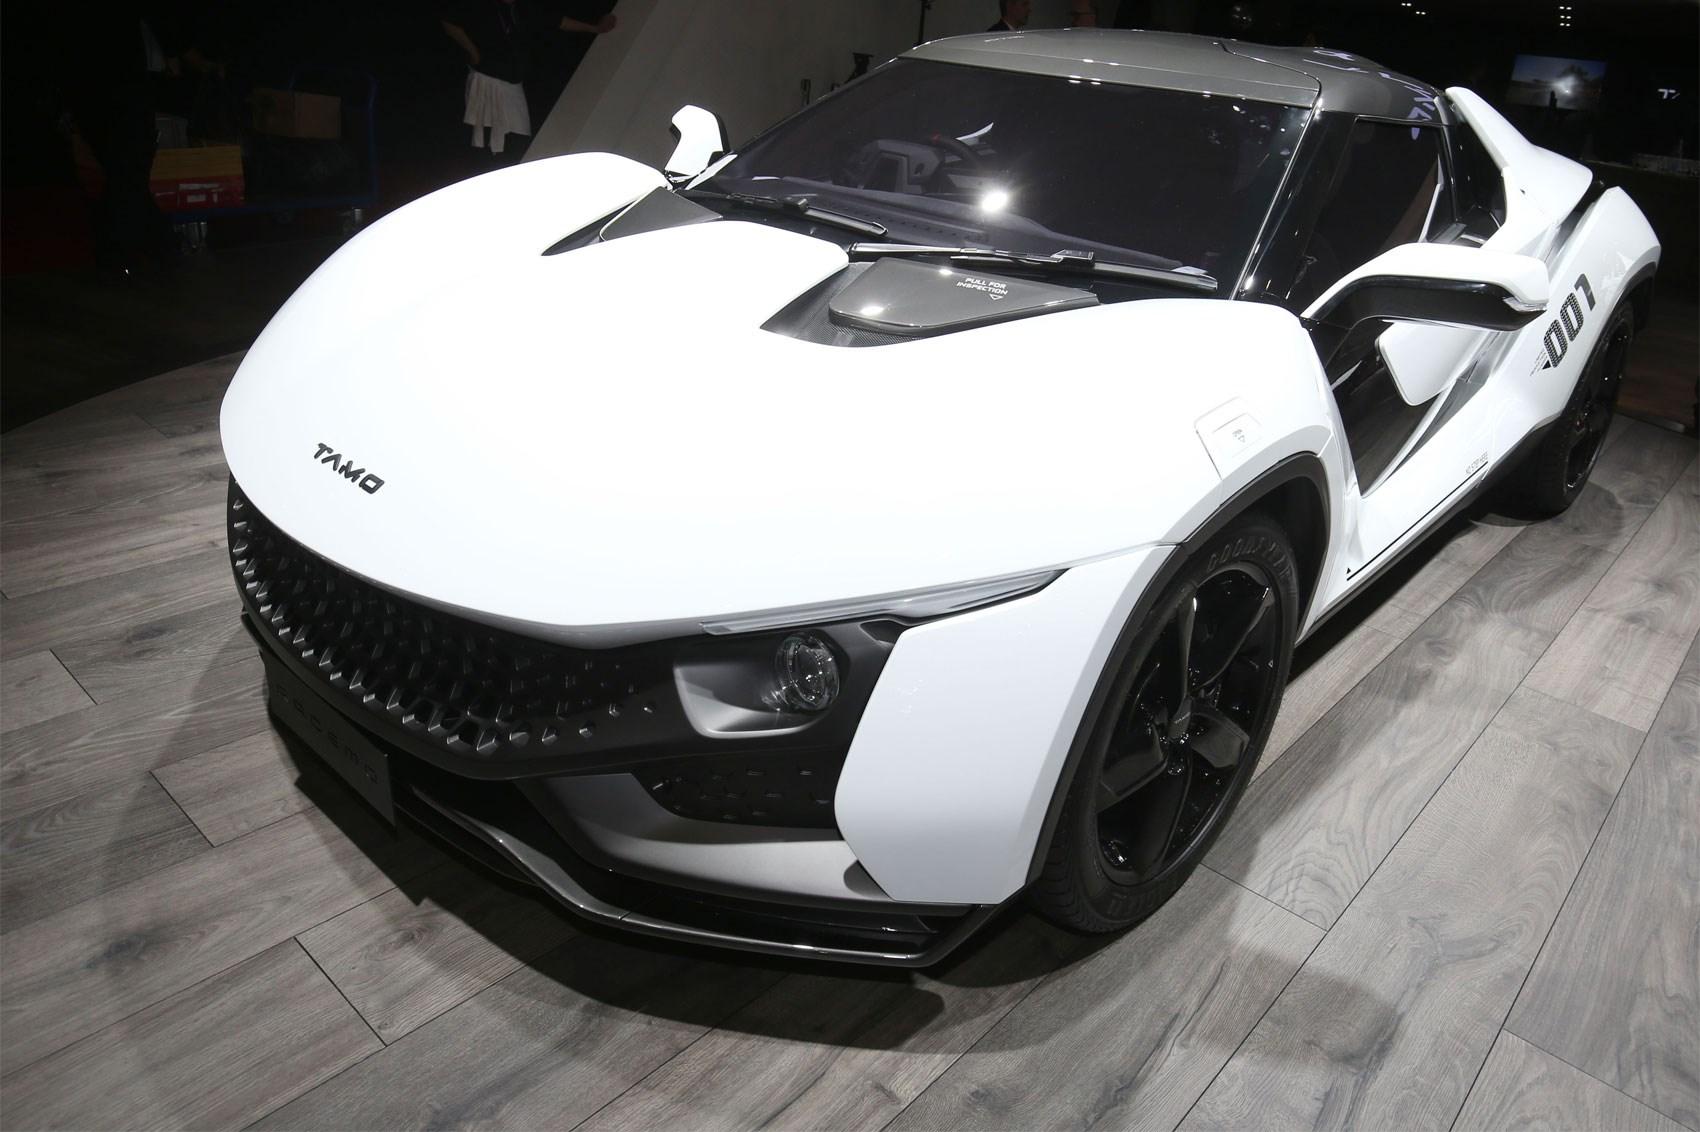 The Tata Racemo Tamo Racemo Sportscar Concept At Geneva 2017 ...